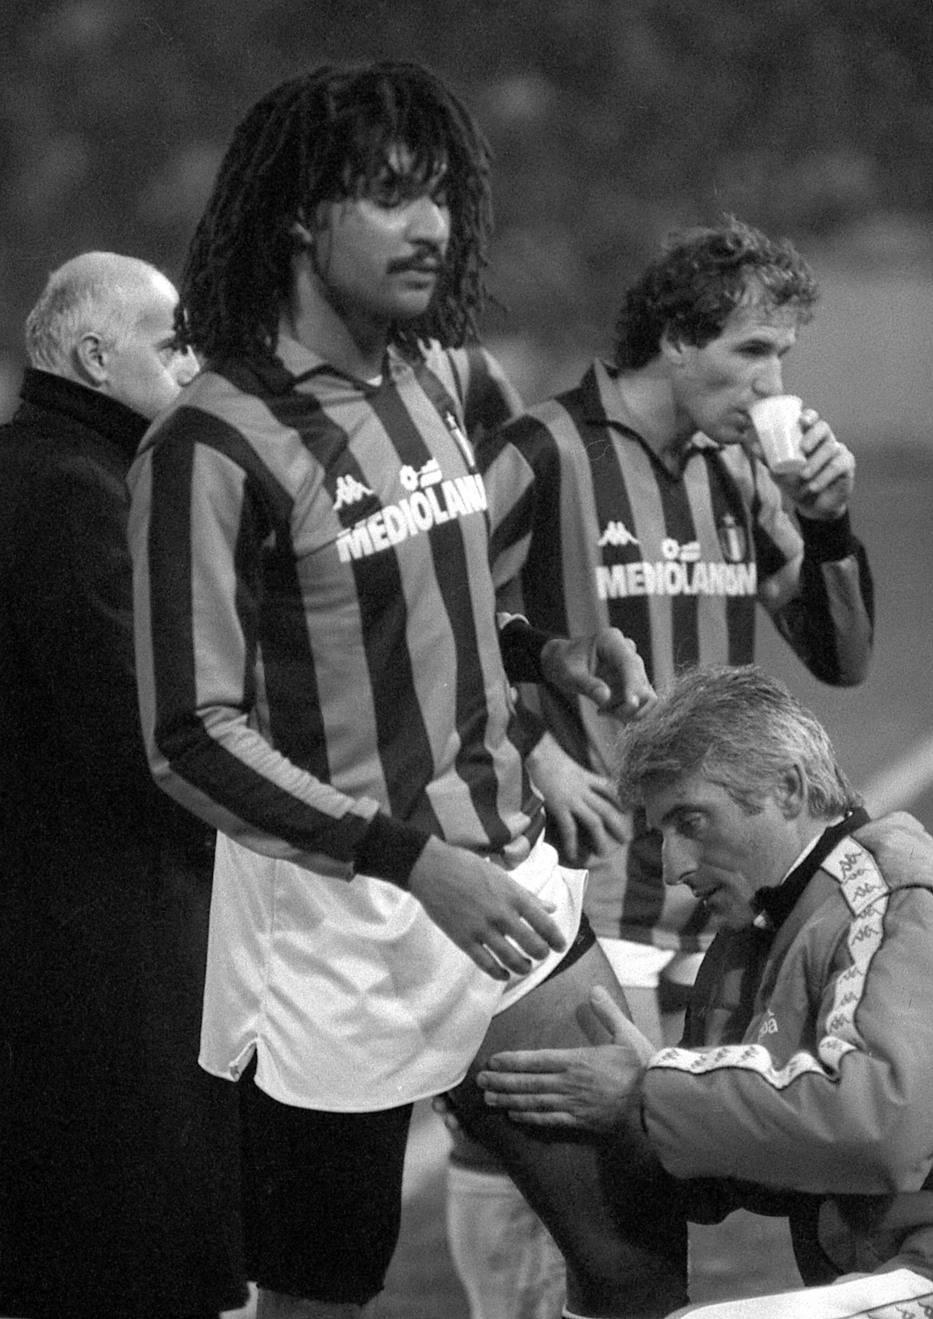 Rud Gulit i Franko Barezi na utakmici protiv Crvene zvezde u Beogradu 10. novembra 1988. godine.